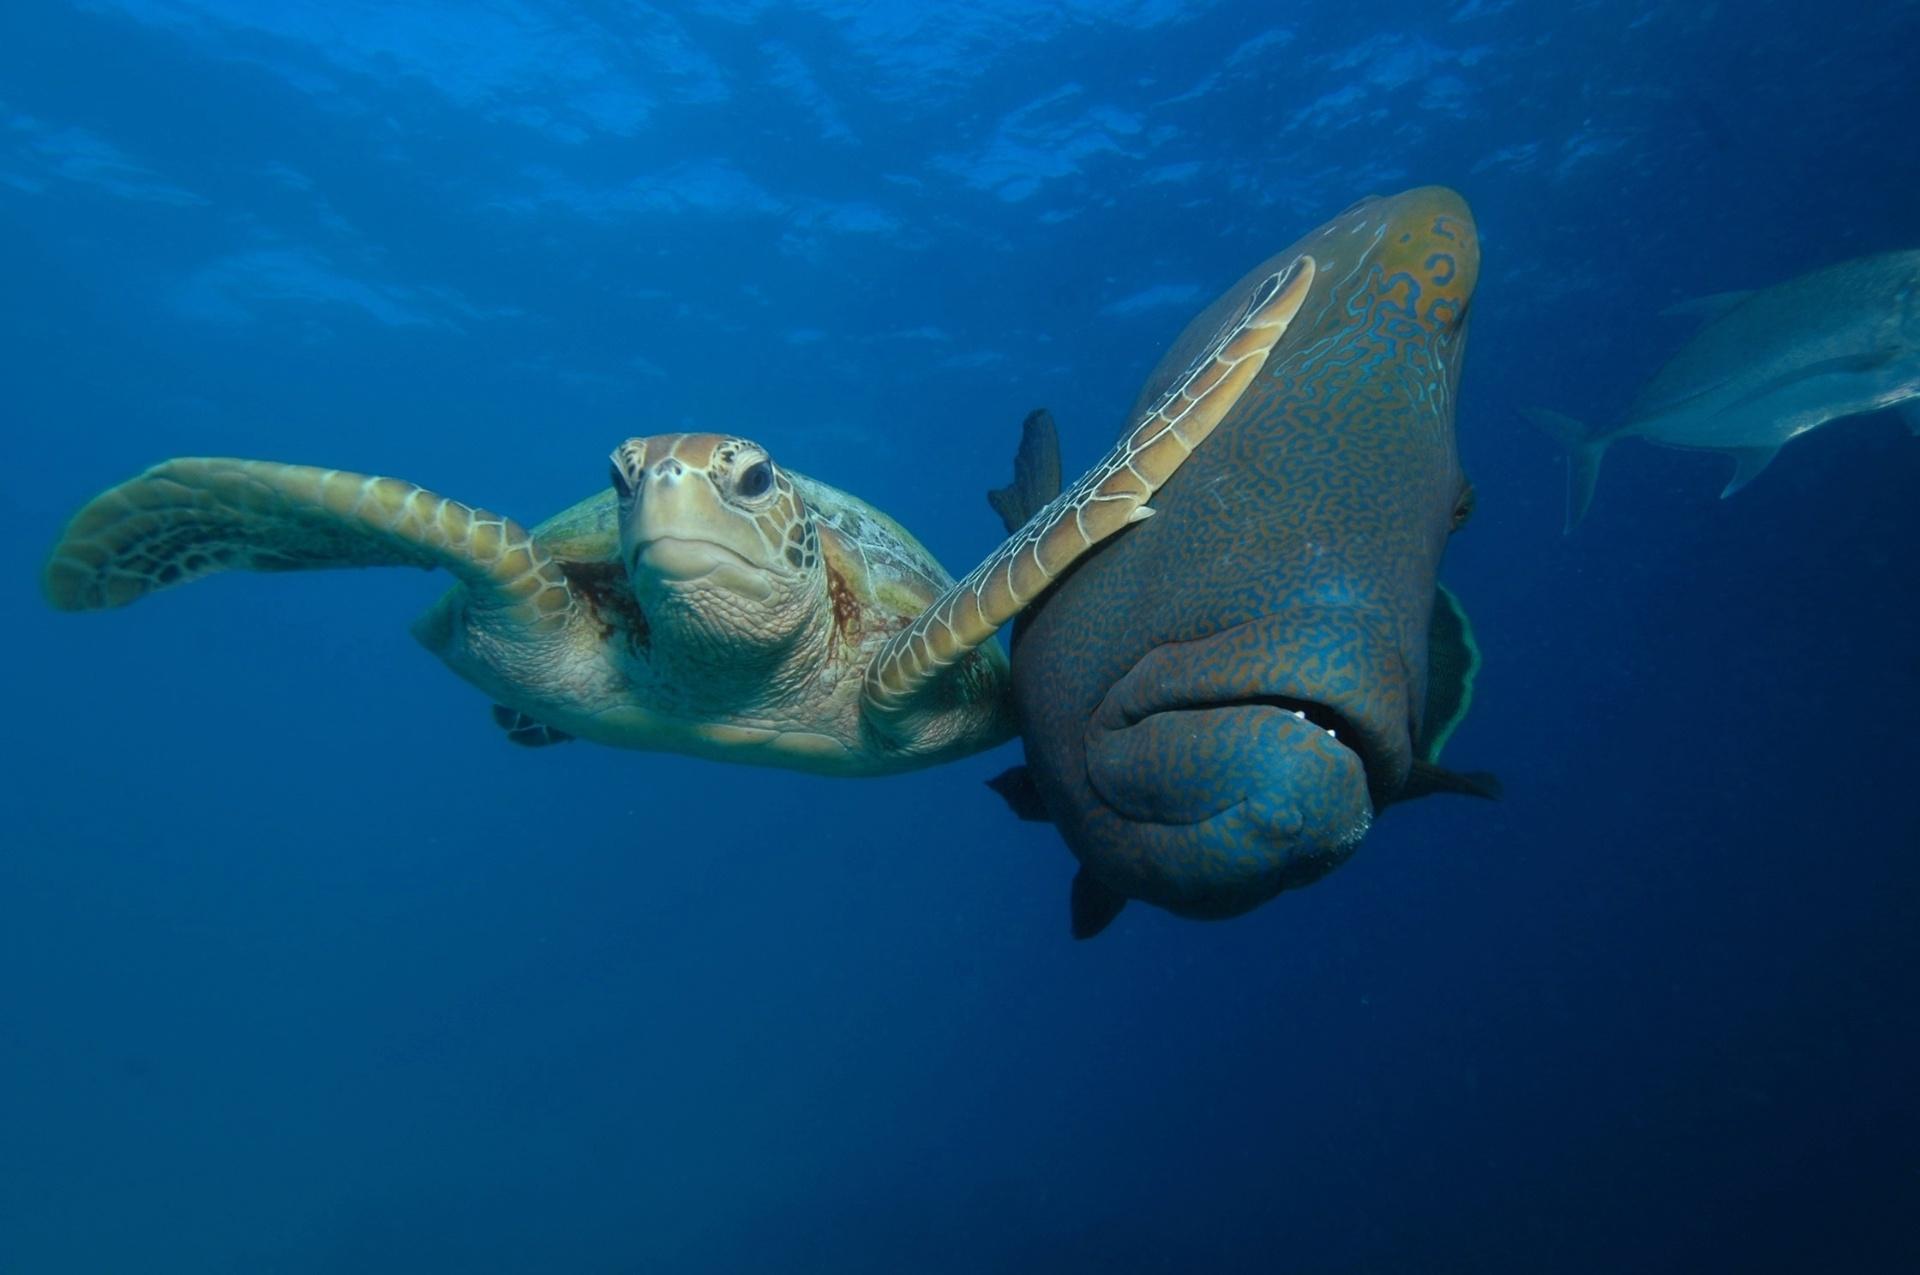 Tartaruga espaçosa - Essa tartaruga deu um tapa na cara de um peixe que passava ao seu lado no mar de Bacong, nas Filipinas. Foi a vencedora na categoria especial